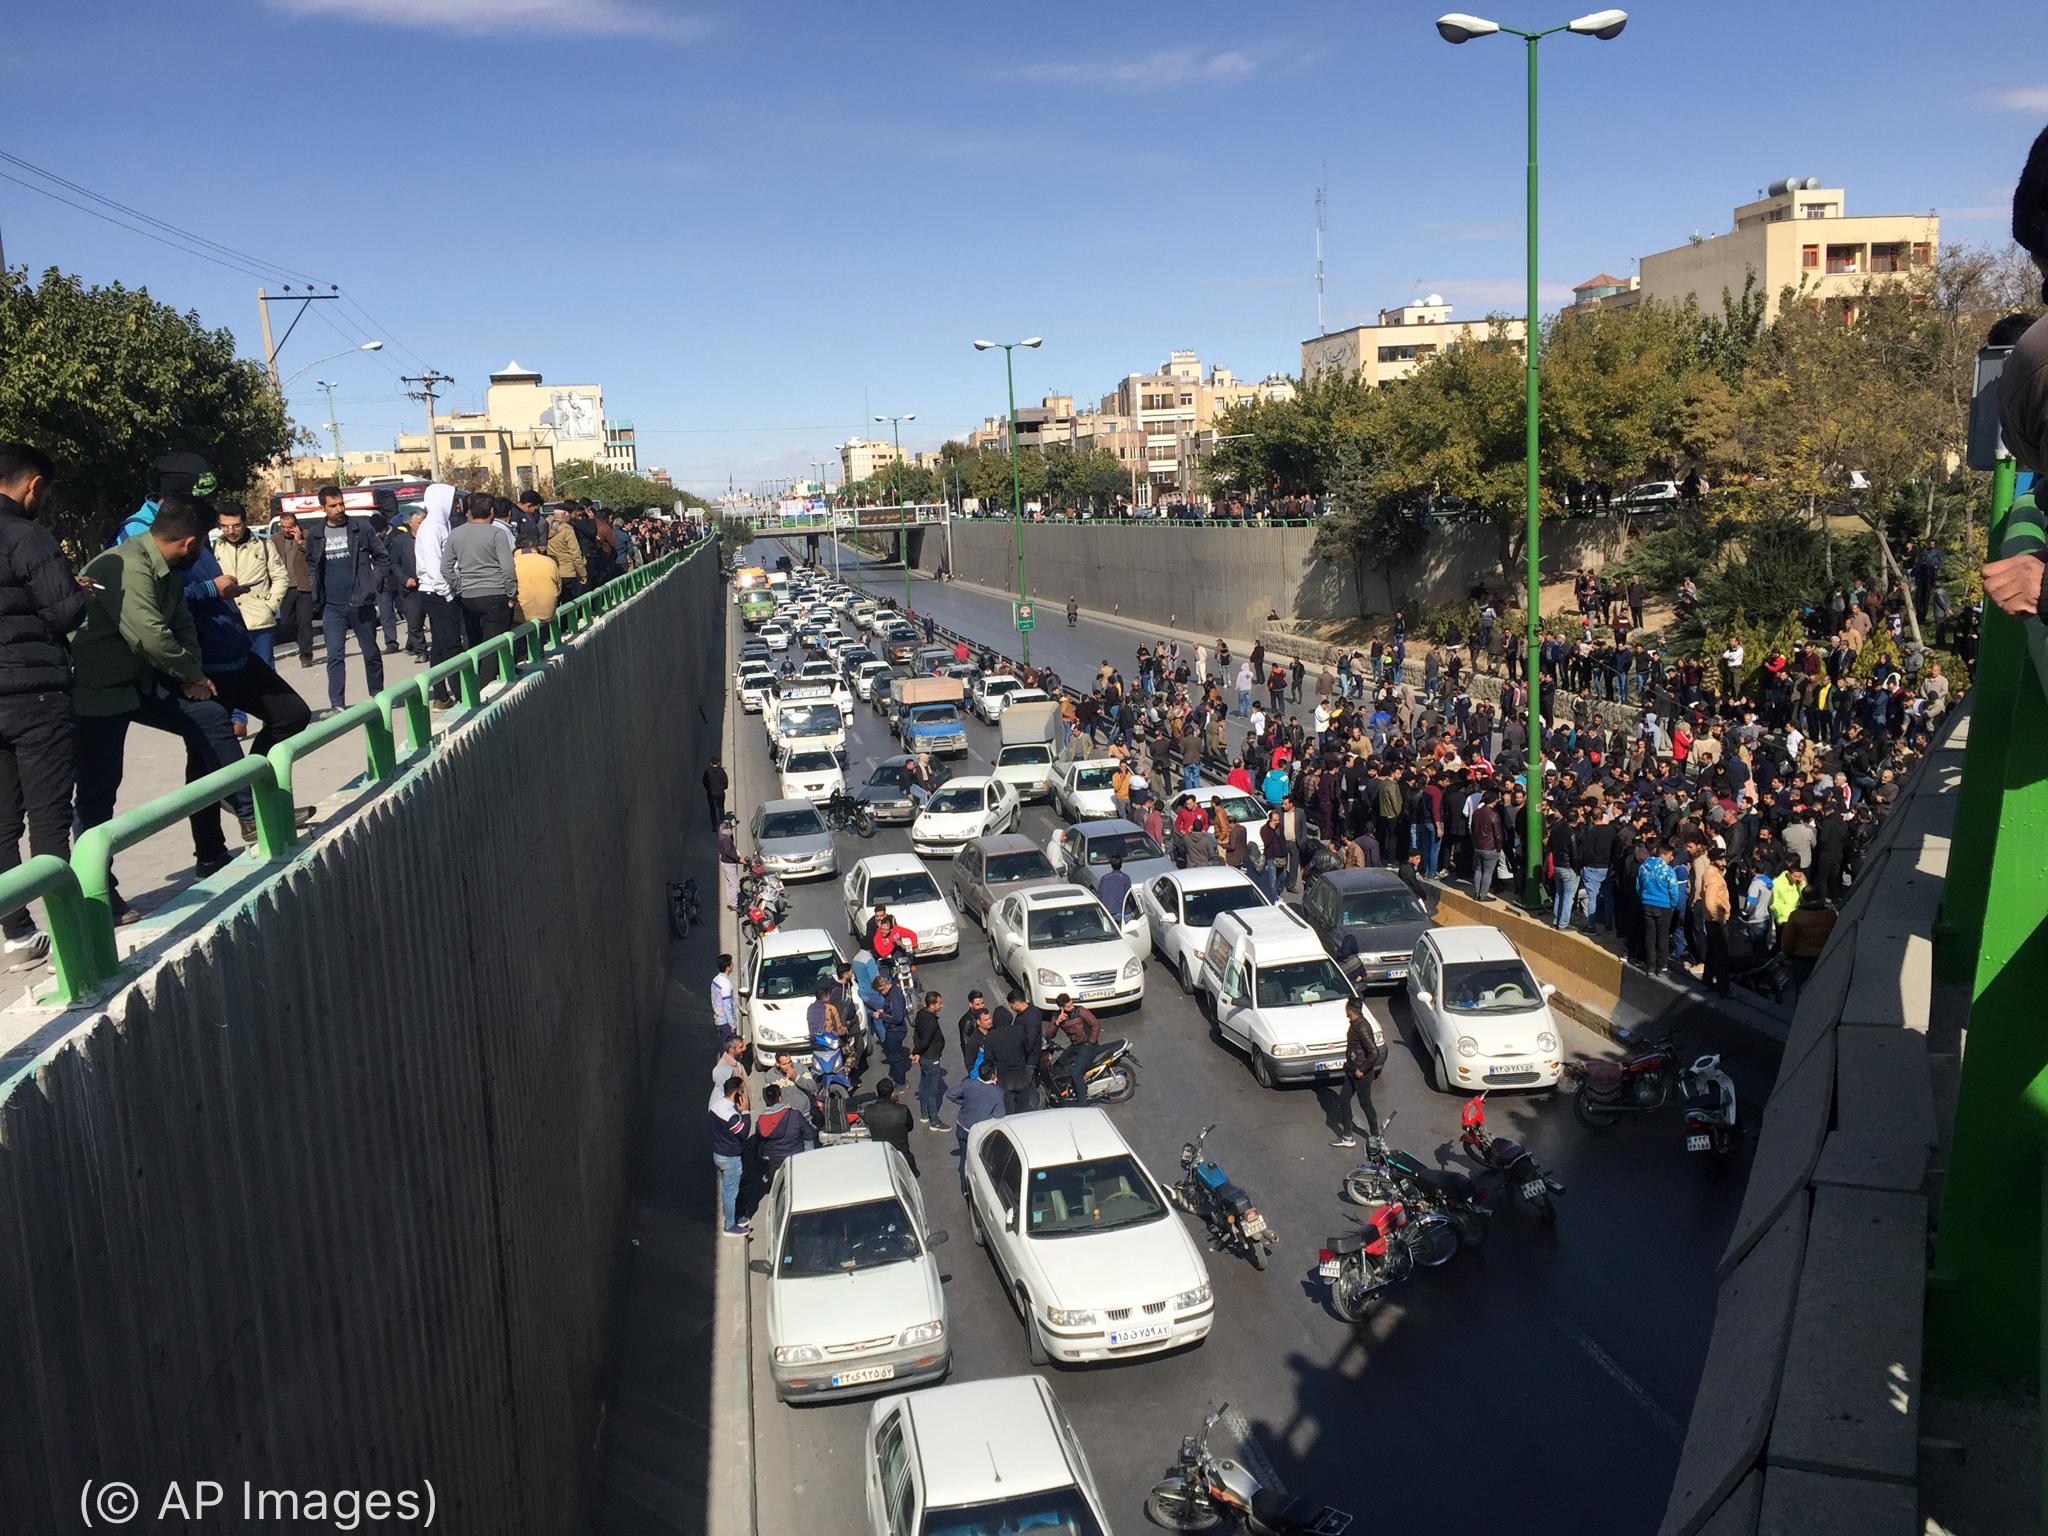 Carros parados e pessoas em pé na rua (© AP Images)